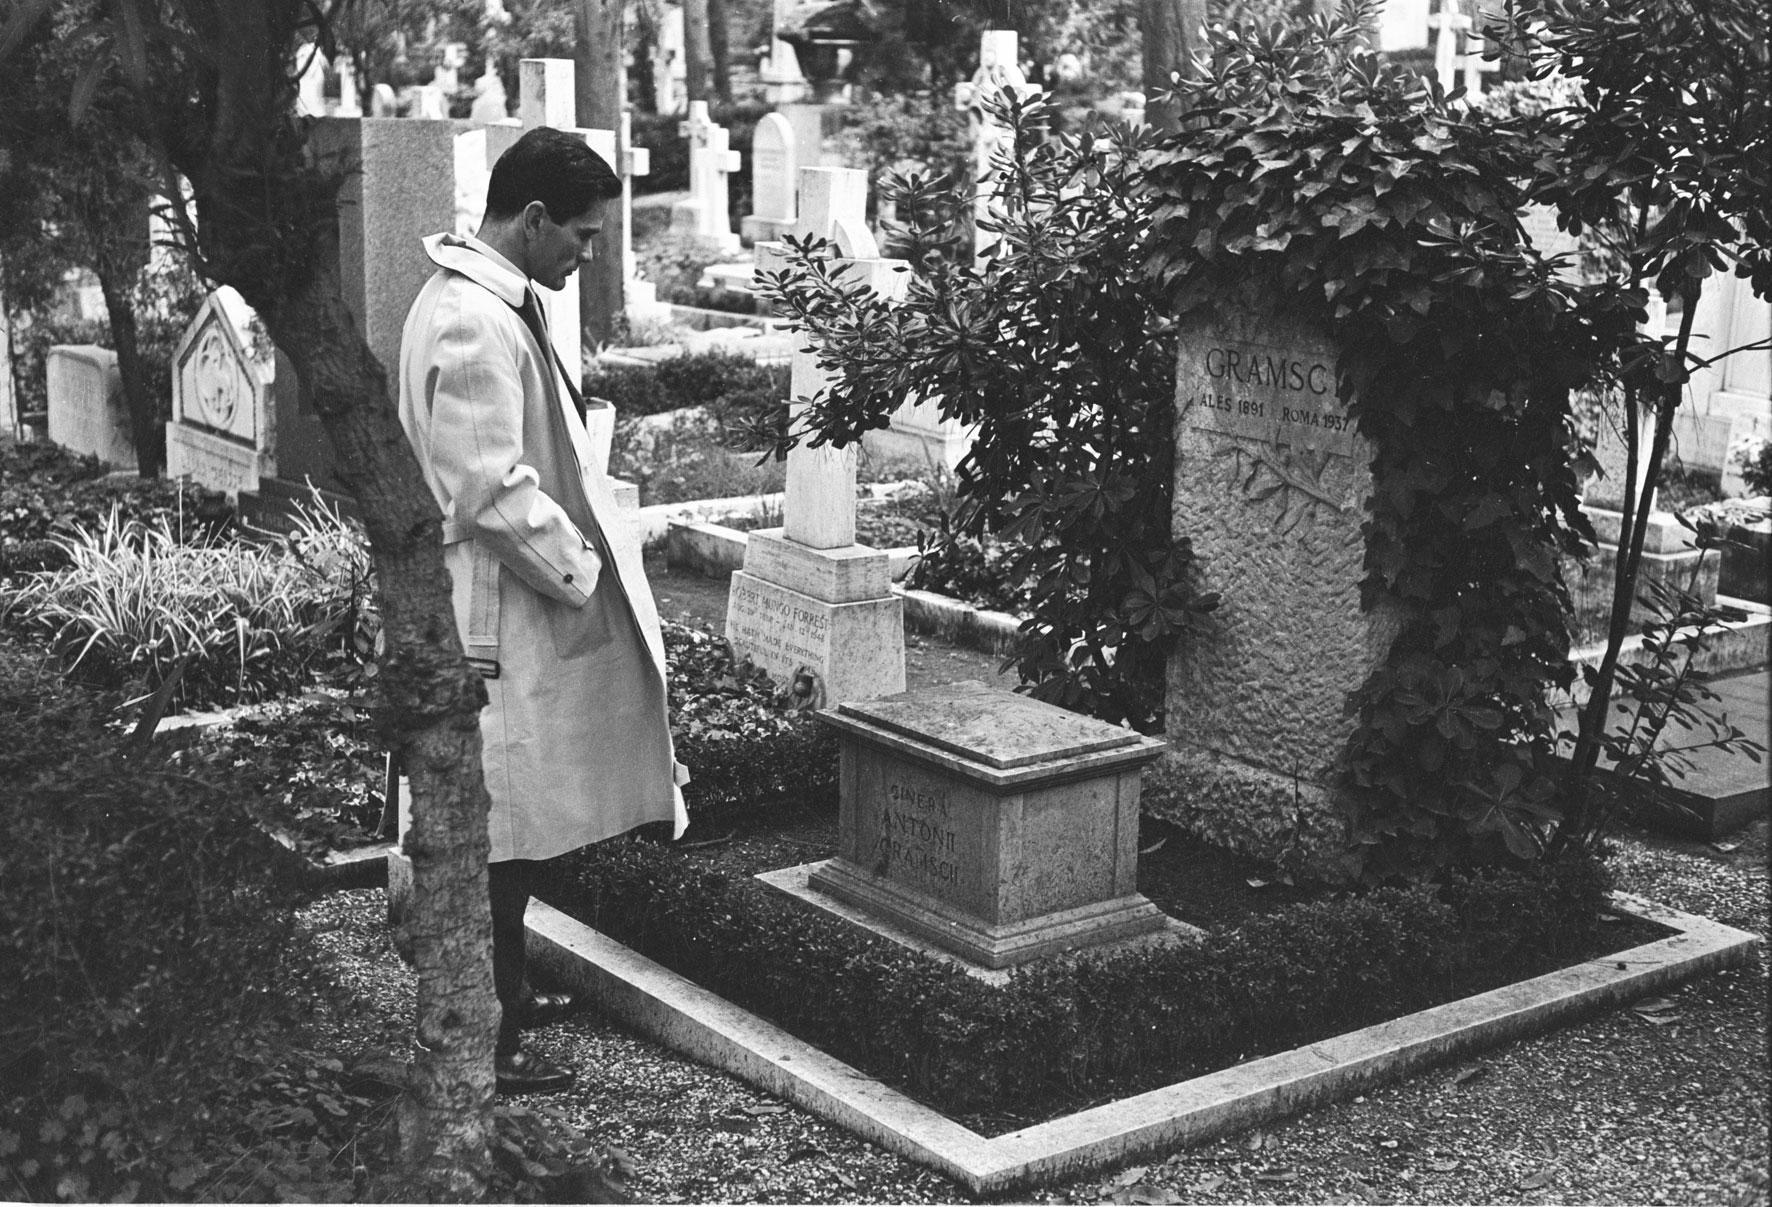 File:Gramsci Pasolini.jpg